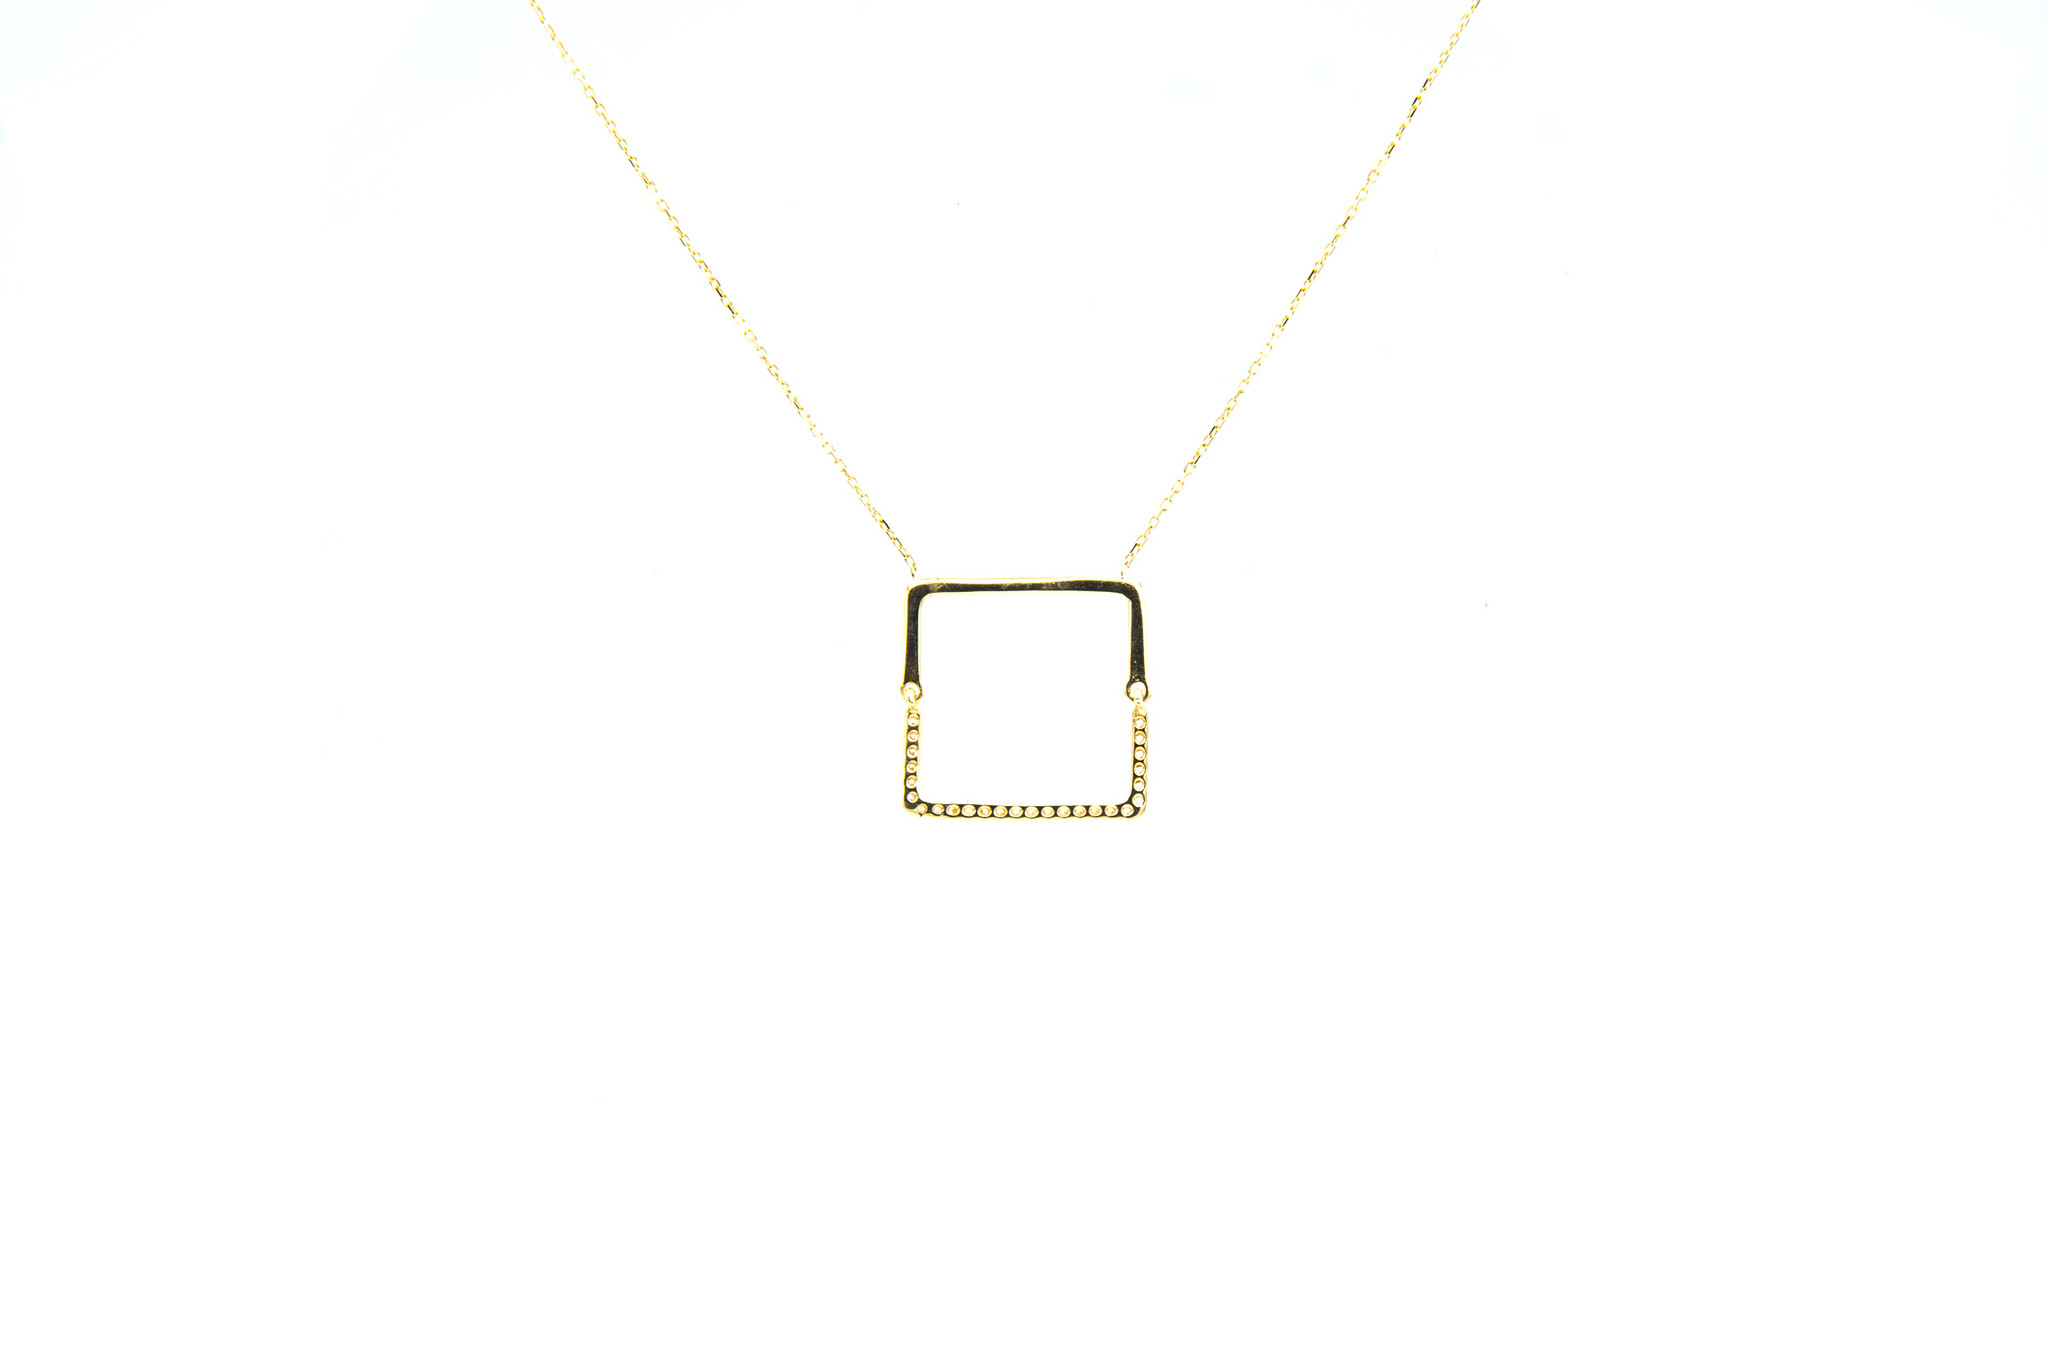 Ketting met vaste hanger vierkant en zirkonia's-3